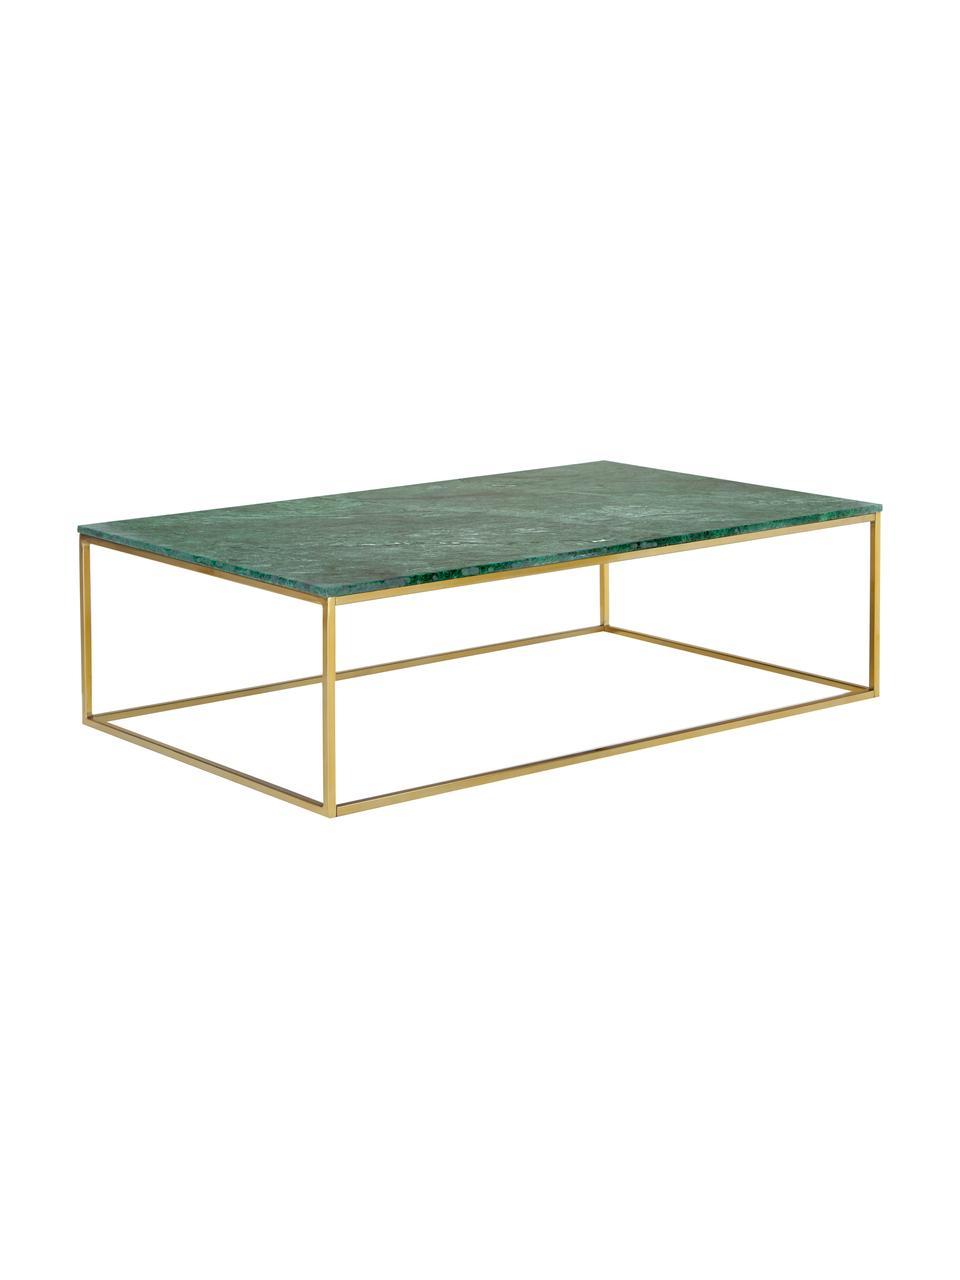 Table basse en marbreAlys, Marbre vert, couleur dorée